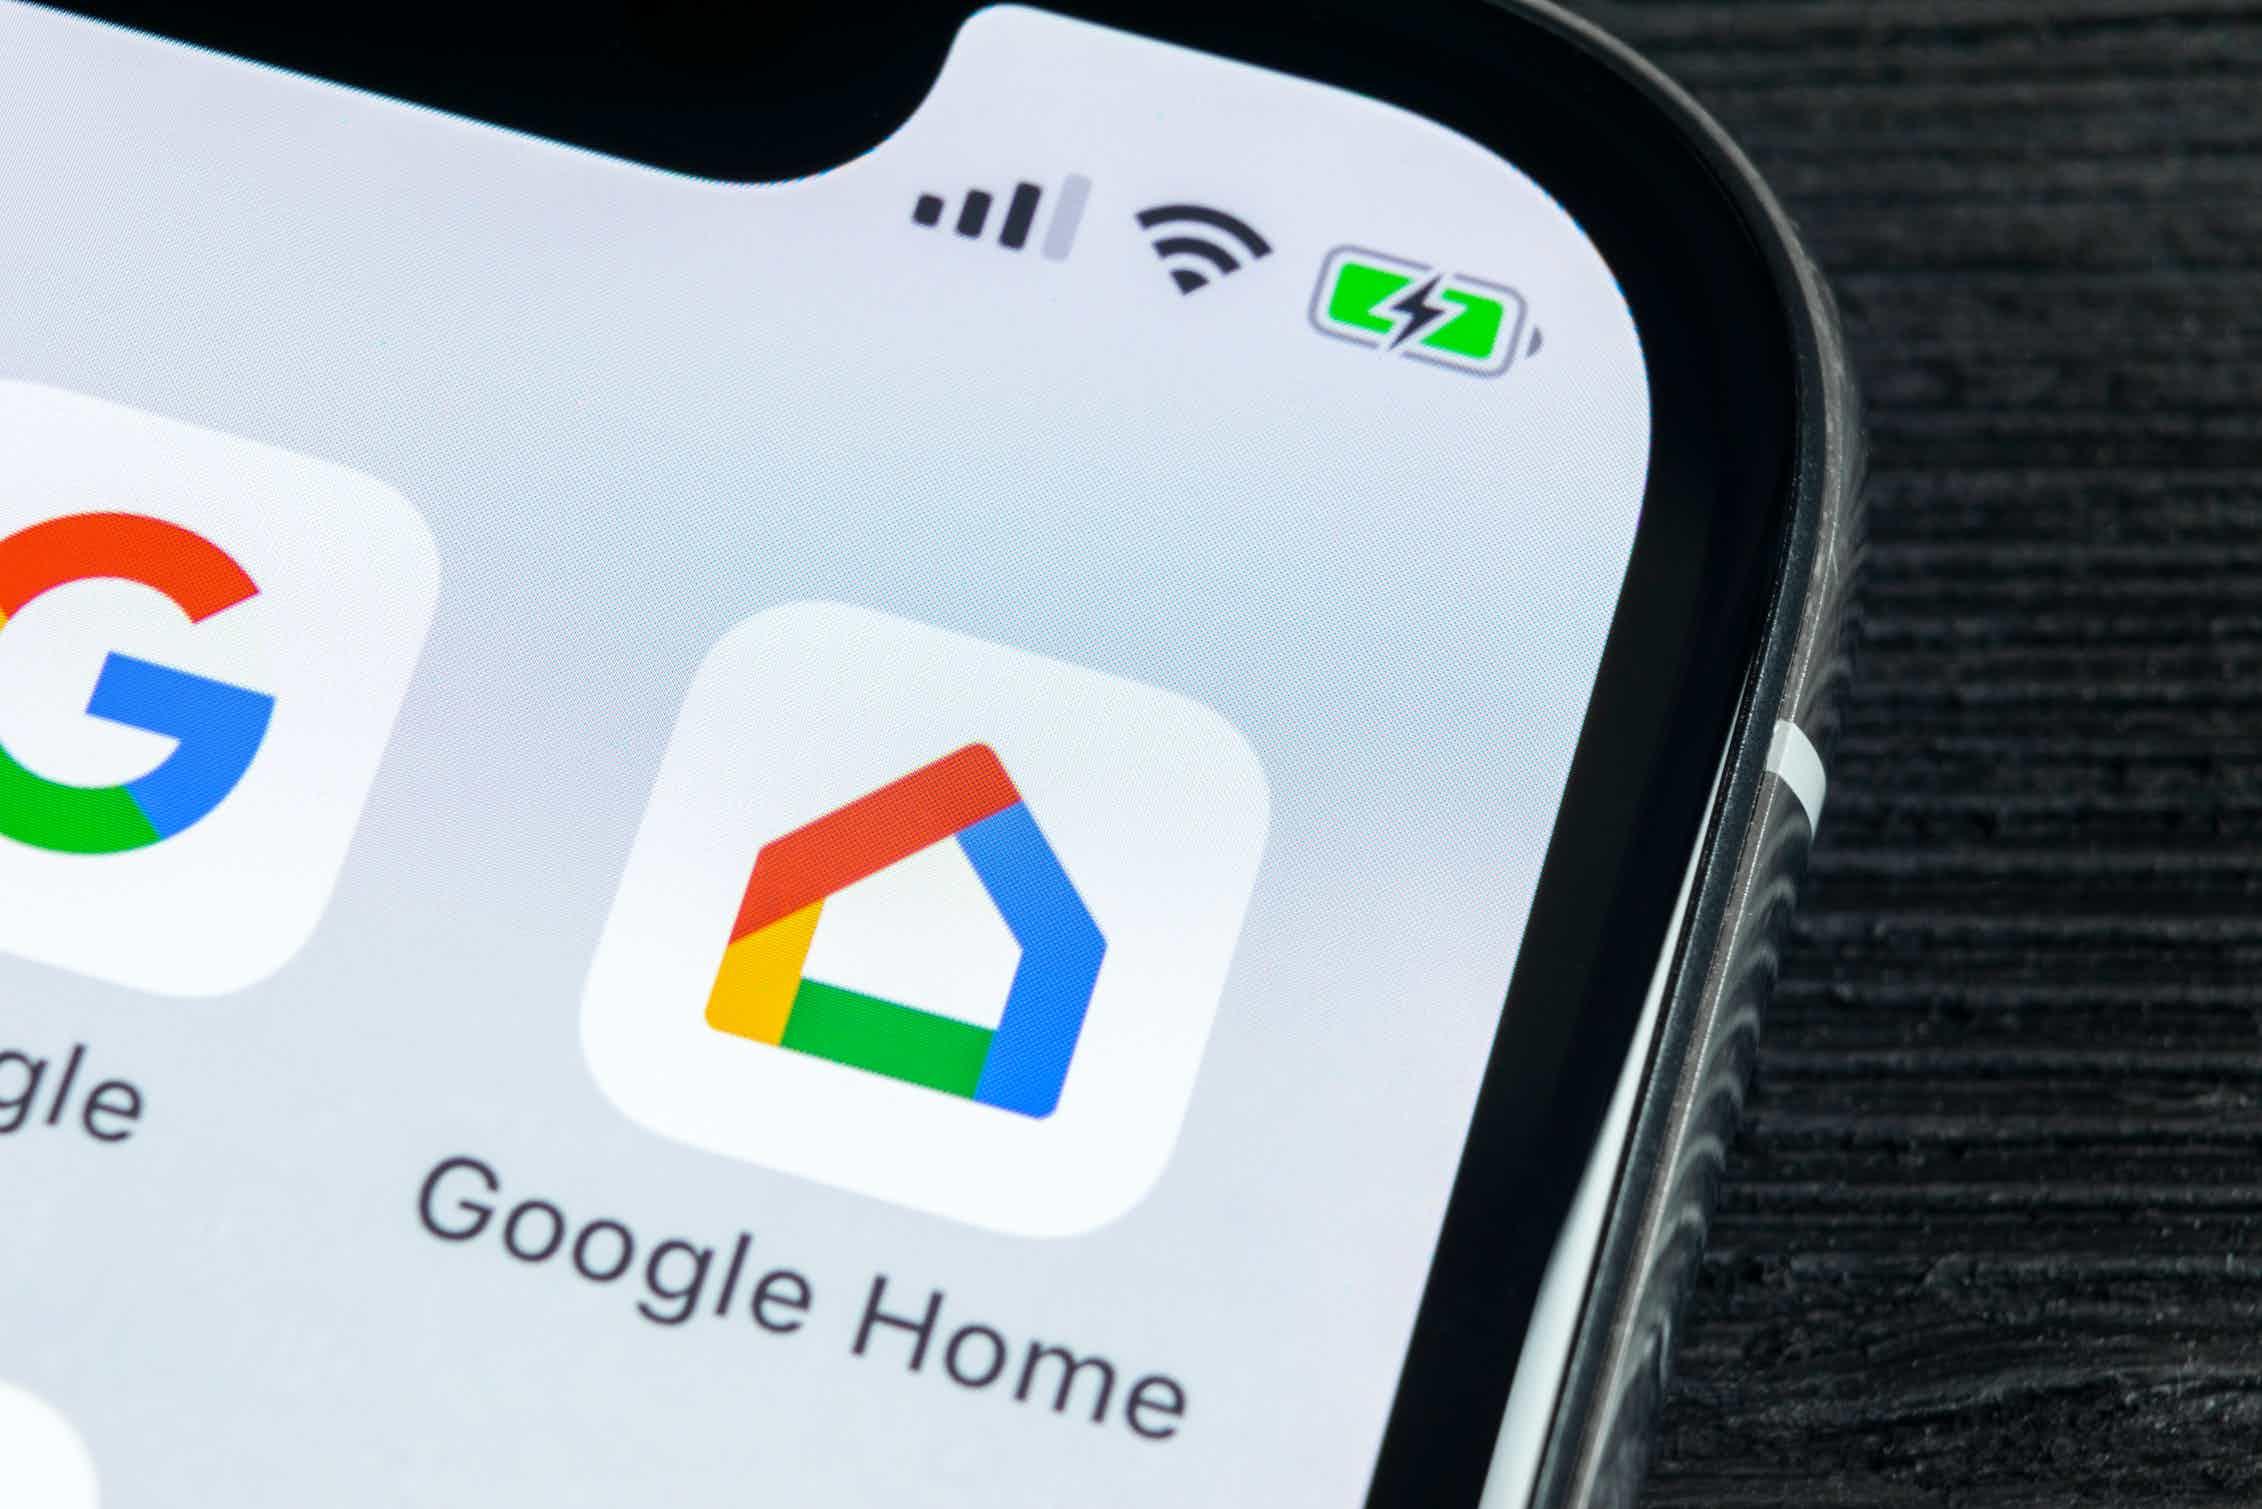 La aplicación Google Home sirve para controlar los 'dispositivos inteligentes' de la casa.Shutterstock / BigTunaOnline